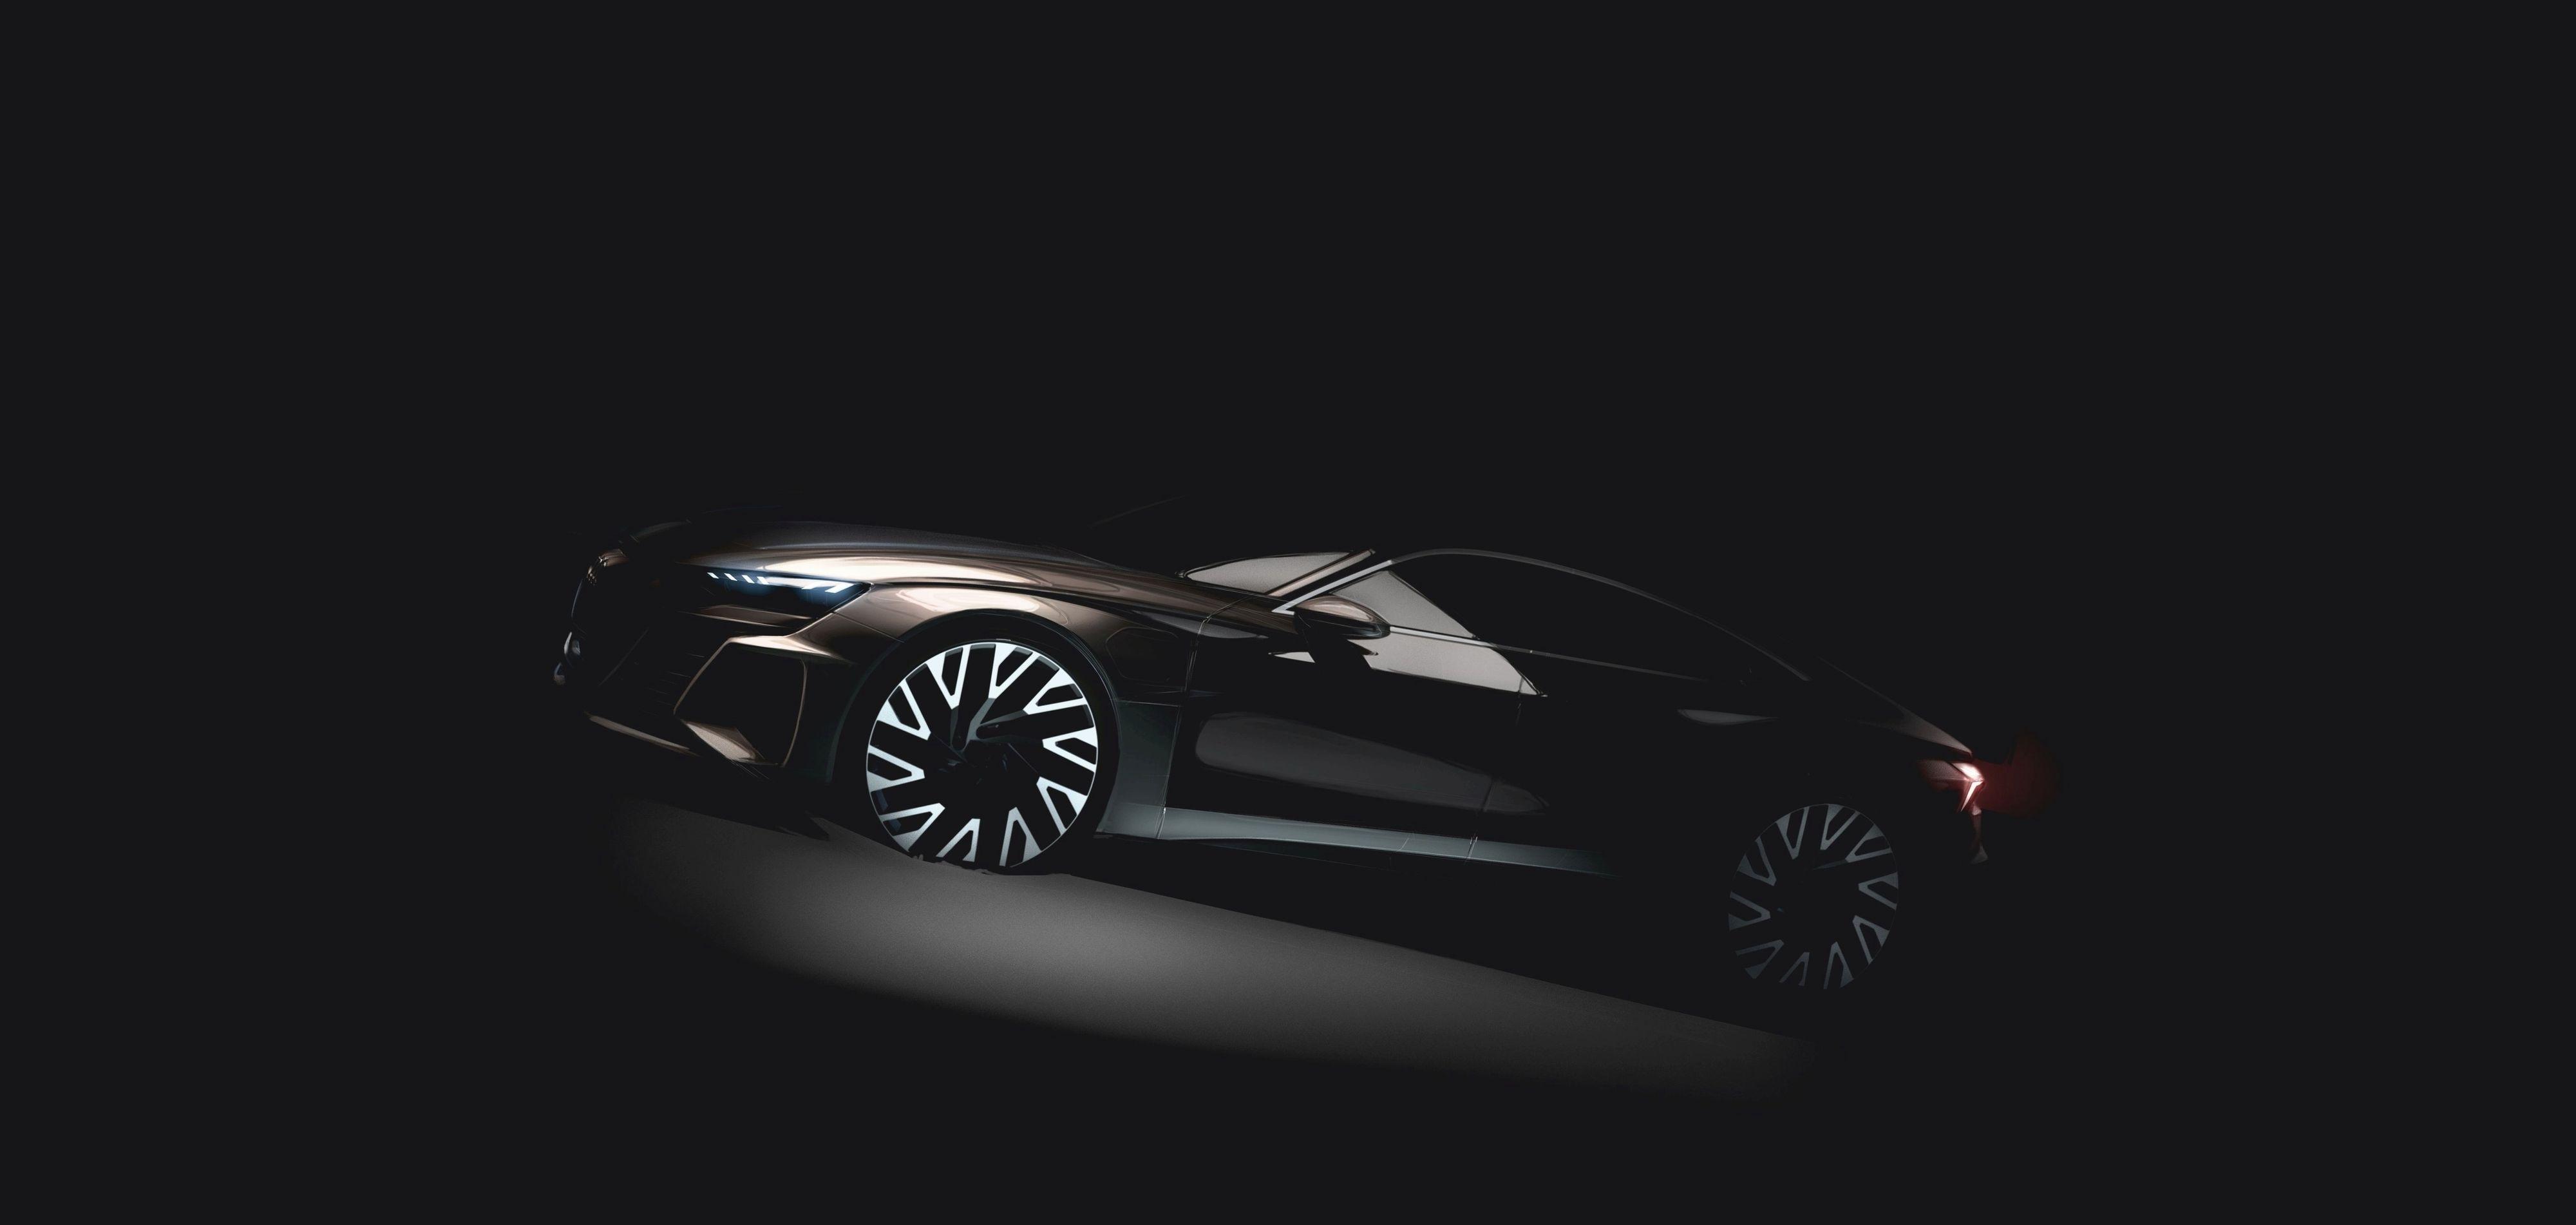 Audis nye elektriske sportsbil skal komme på markedet i 2020.